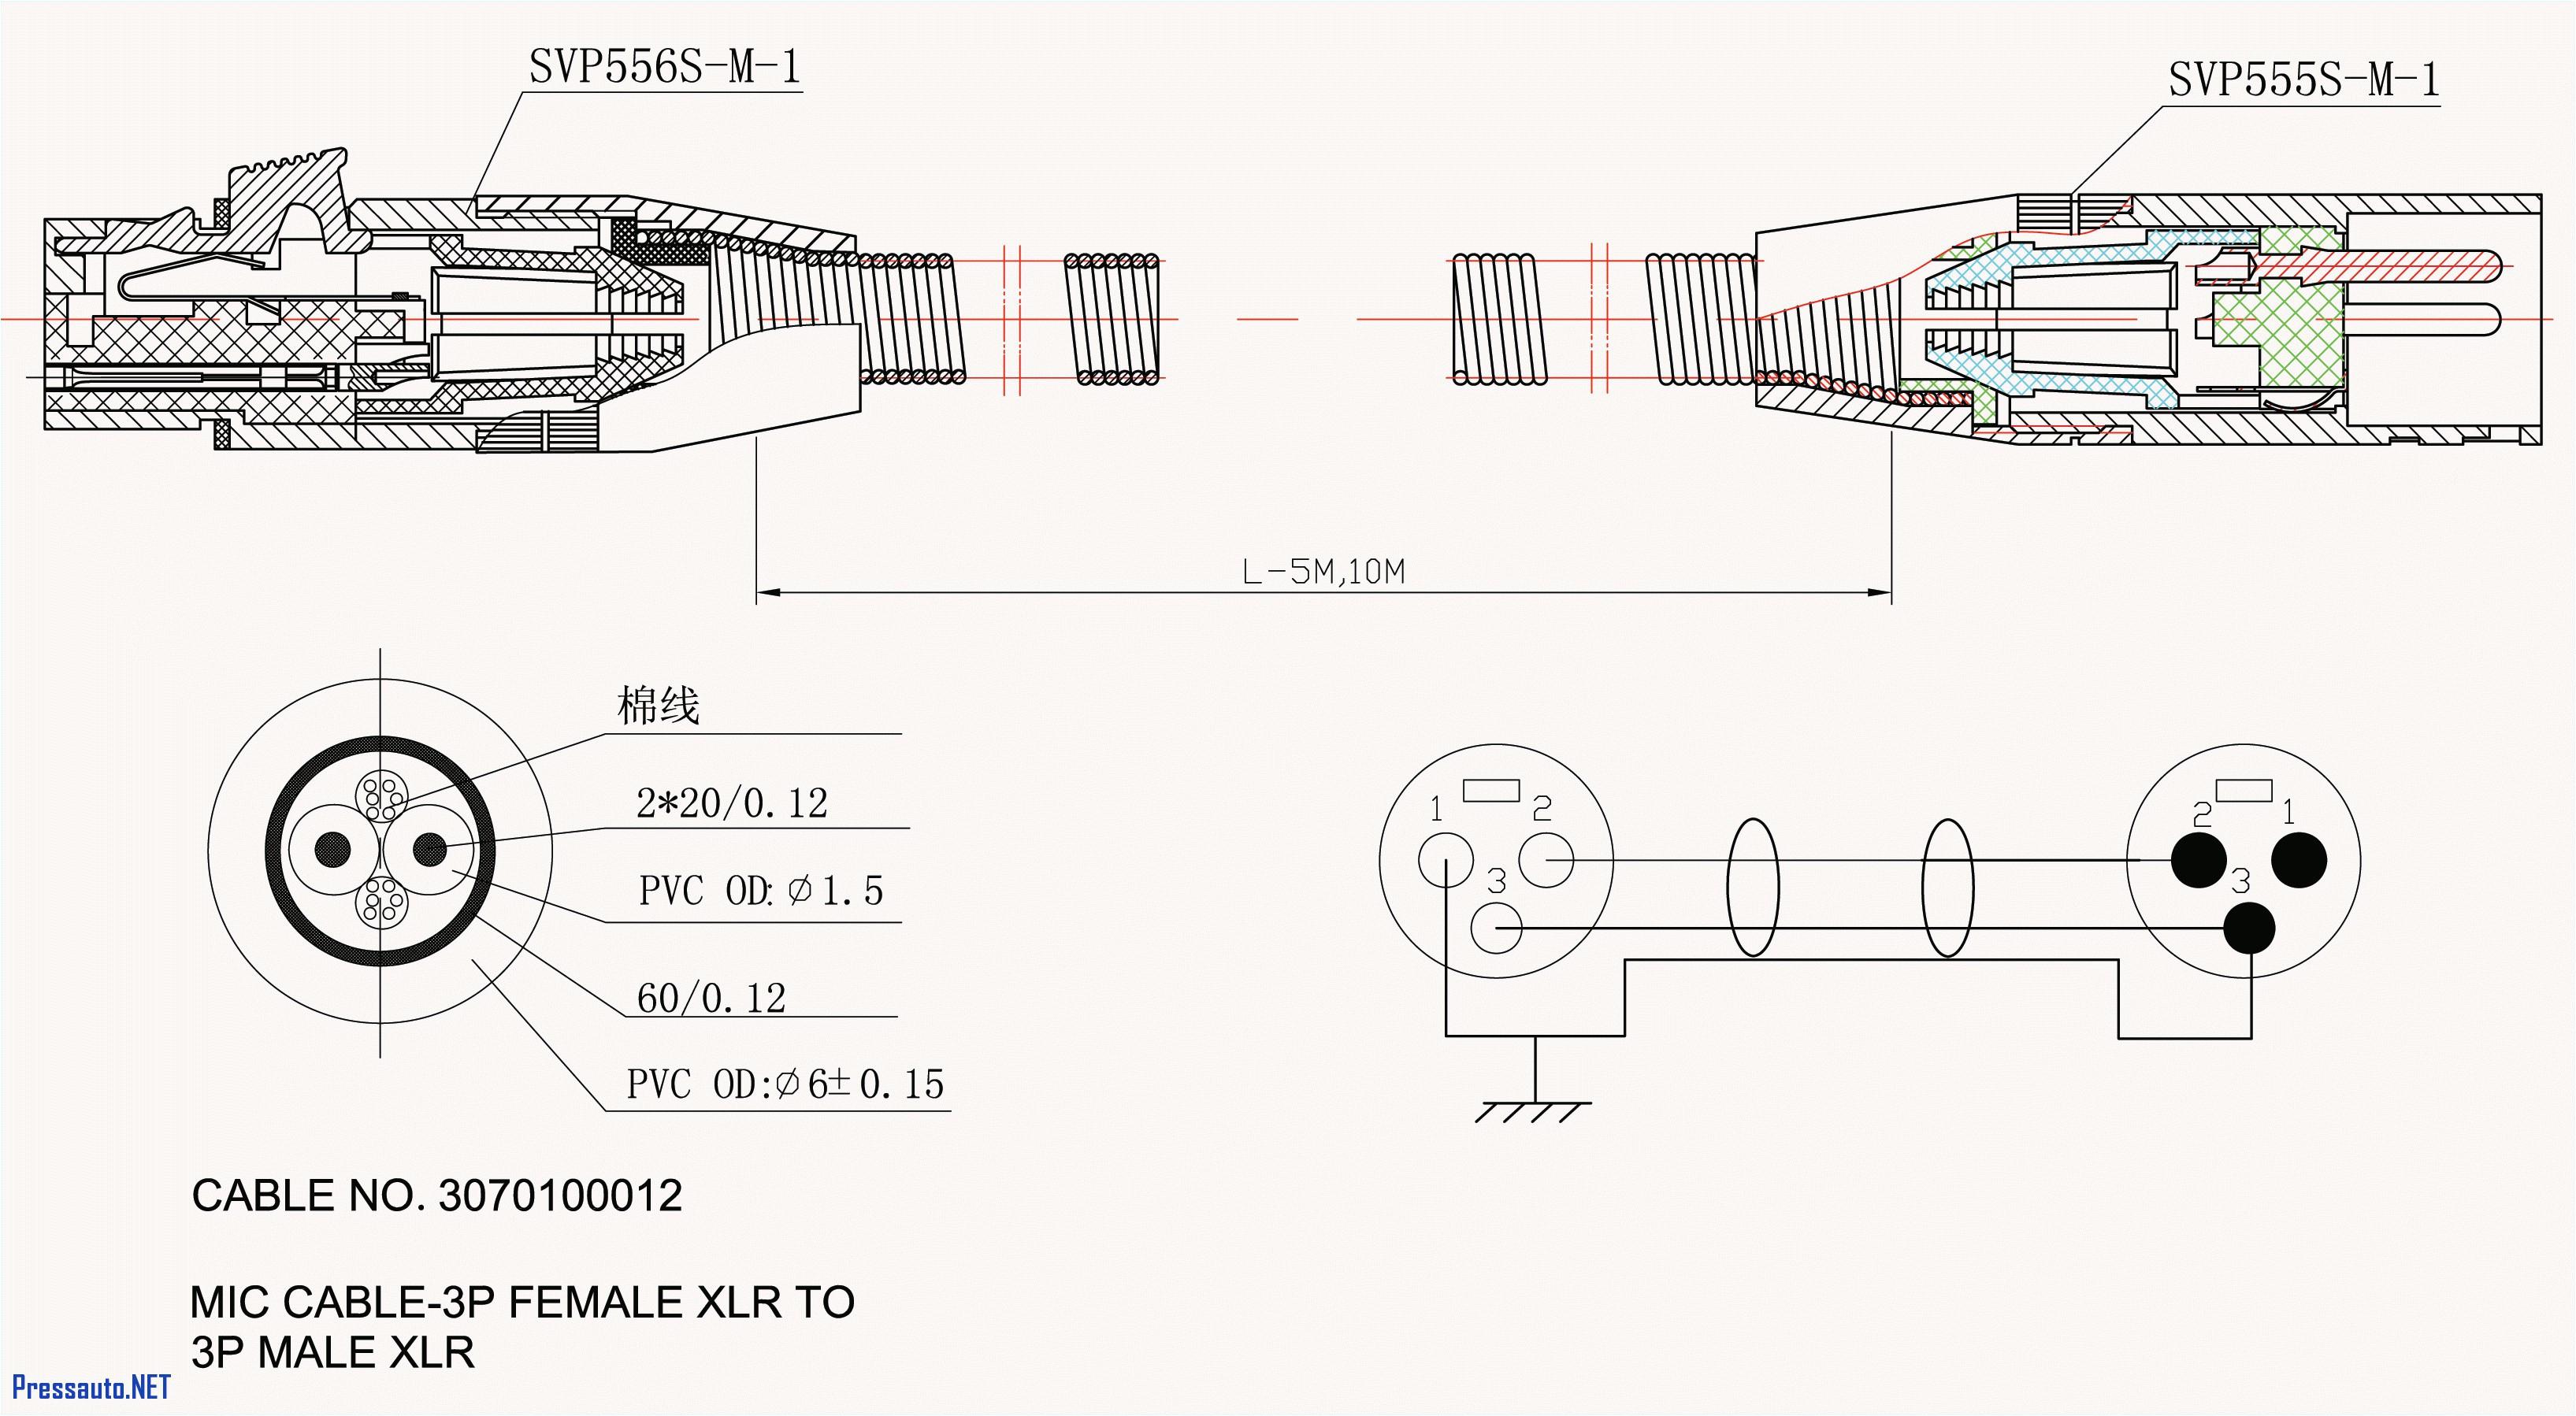 24 volt alternator wiring diagram wiring diagram centre 24 volt 8030 alternator wiring diagram